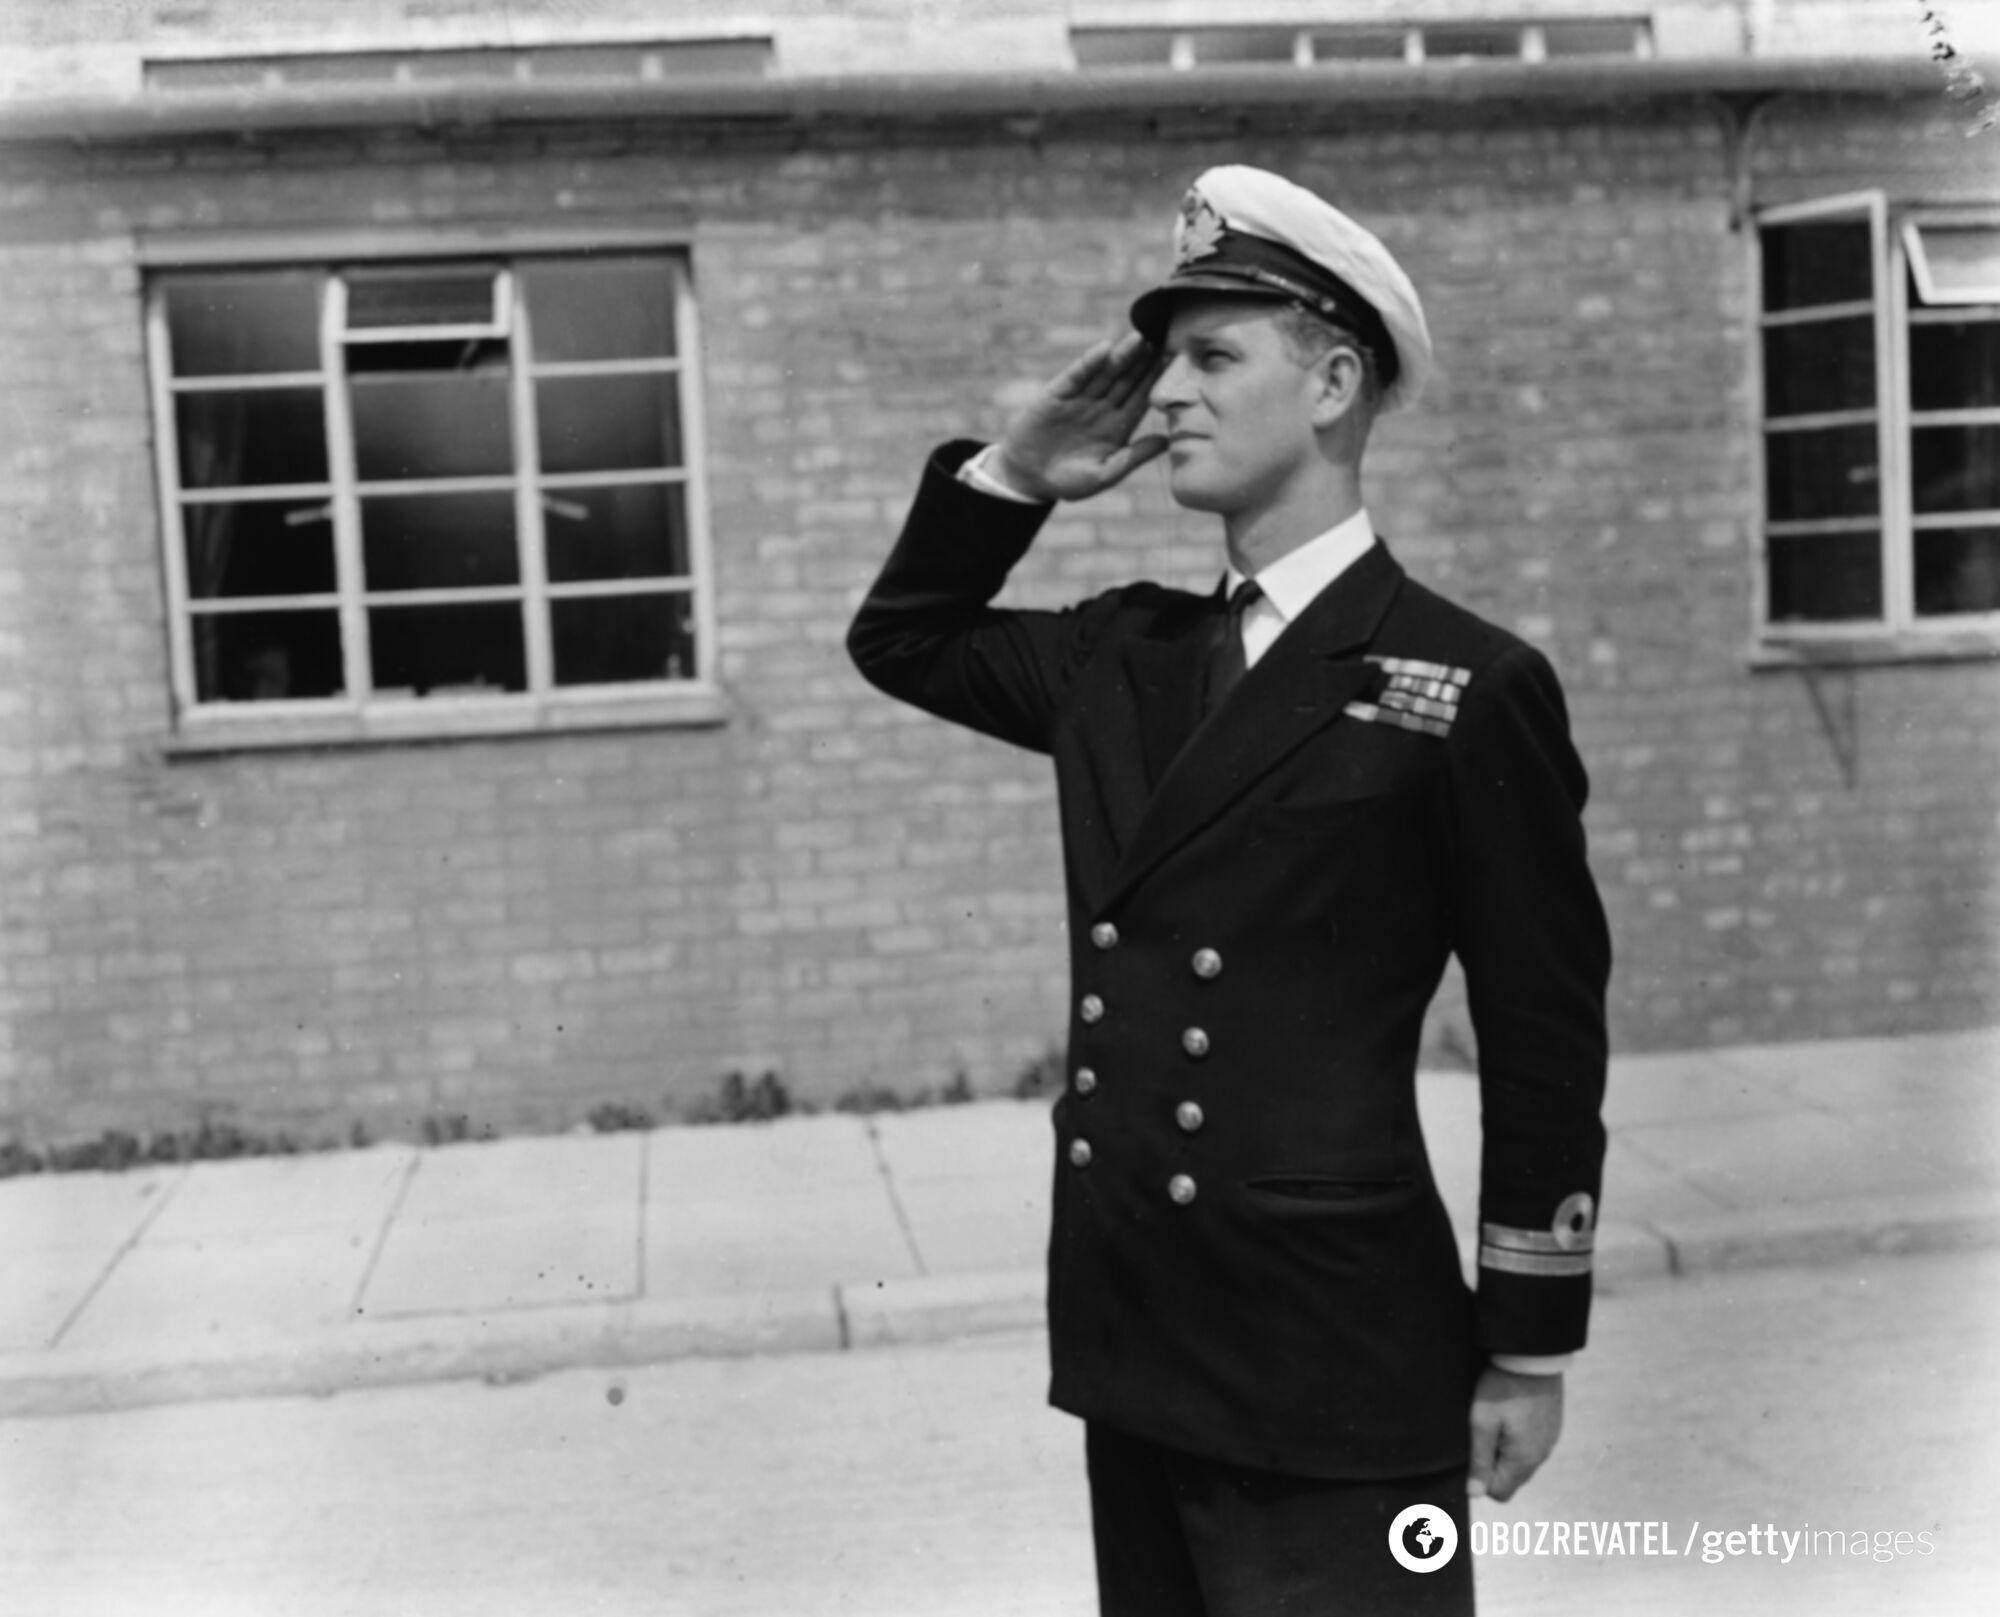 Принц Филипп служил в Королевском флоте.